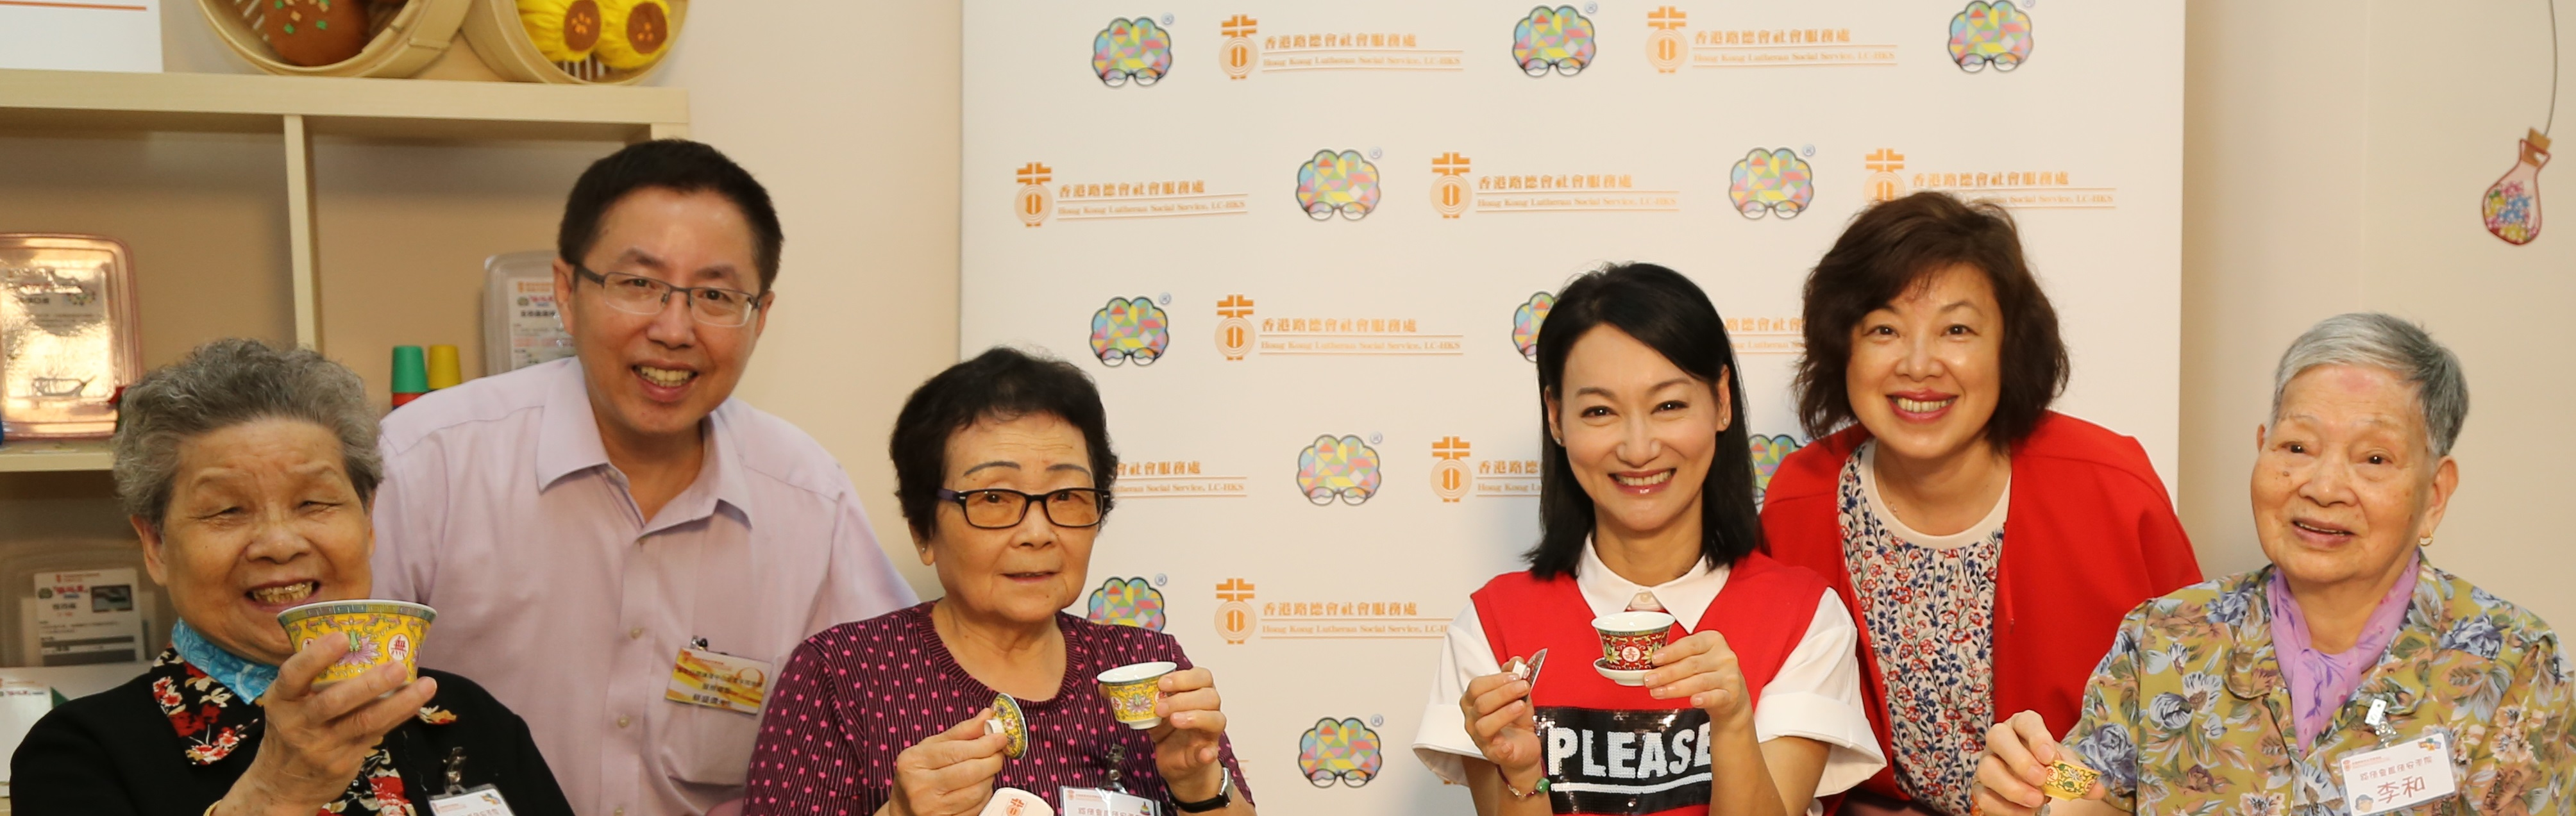 電影「幸運是我」女主角惠英紅小姐探訪本院